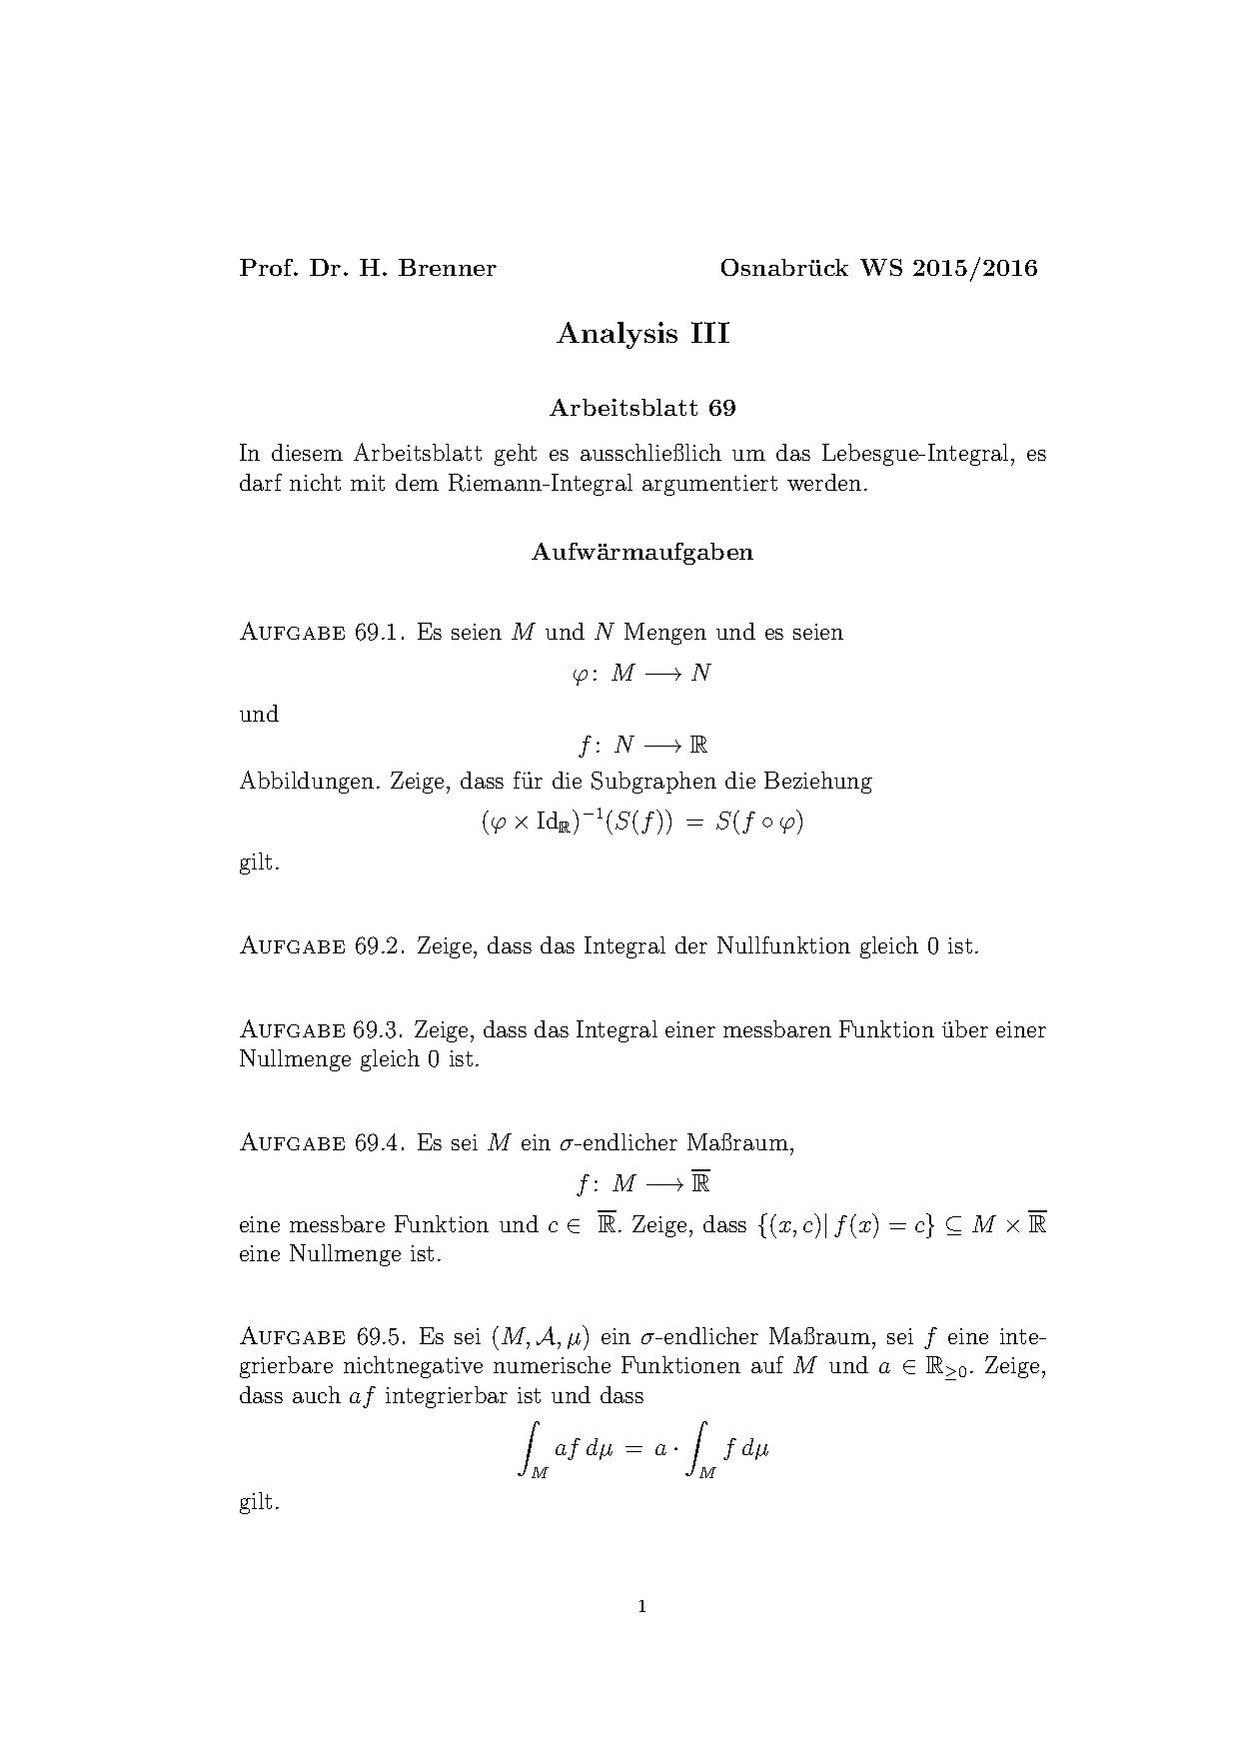 Großzügig Enthalpie Arbeitsblatt Mit Antworten Ideen - Mathe ...